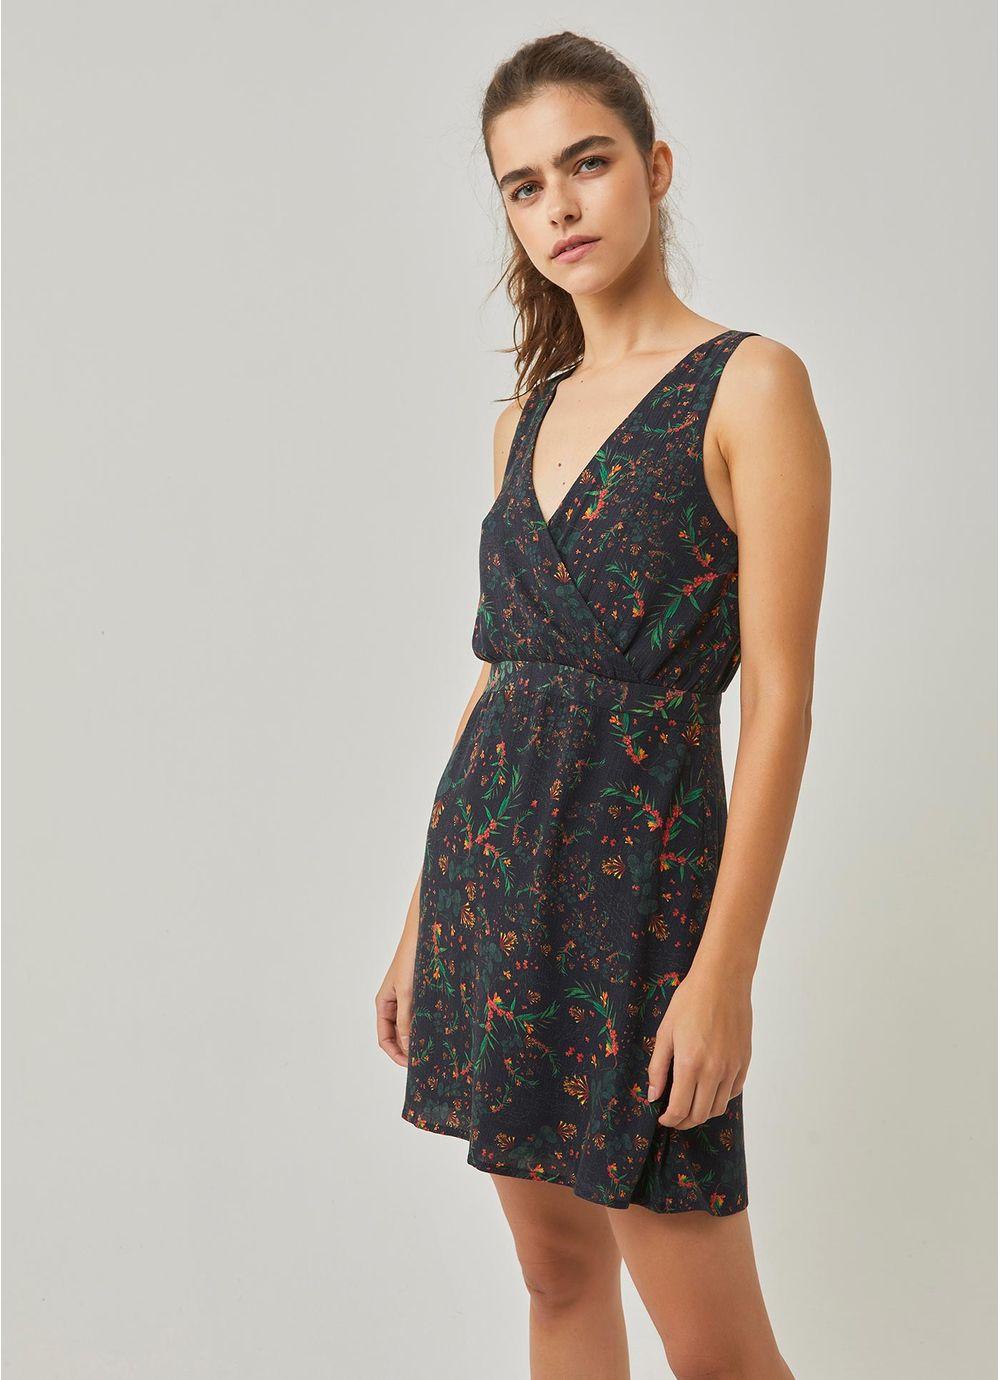 65a651288ad5 Vestido curto estampado liberty PRETO - Compre Online na Redley!